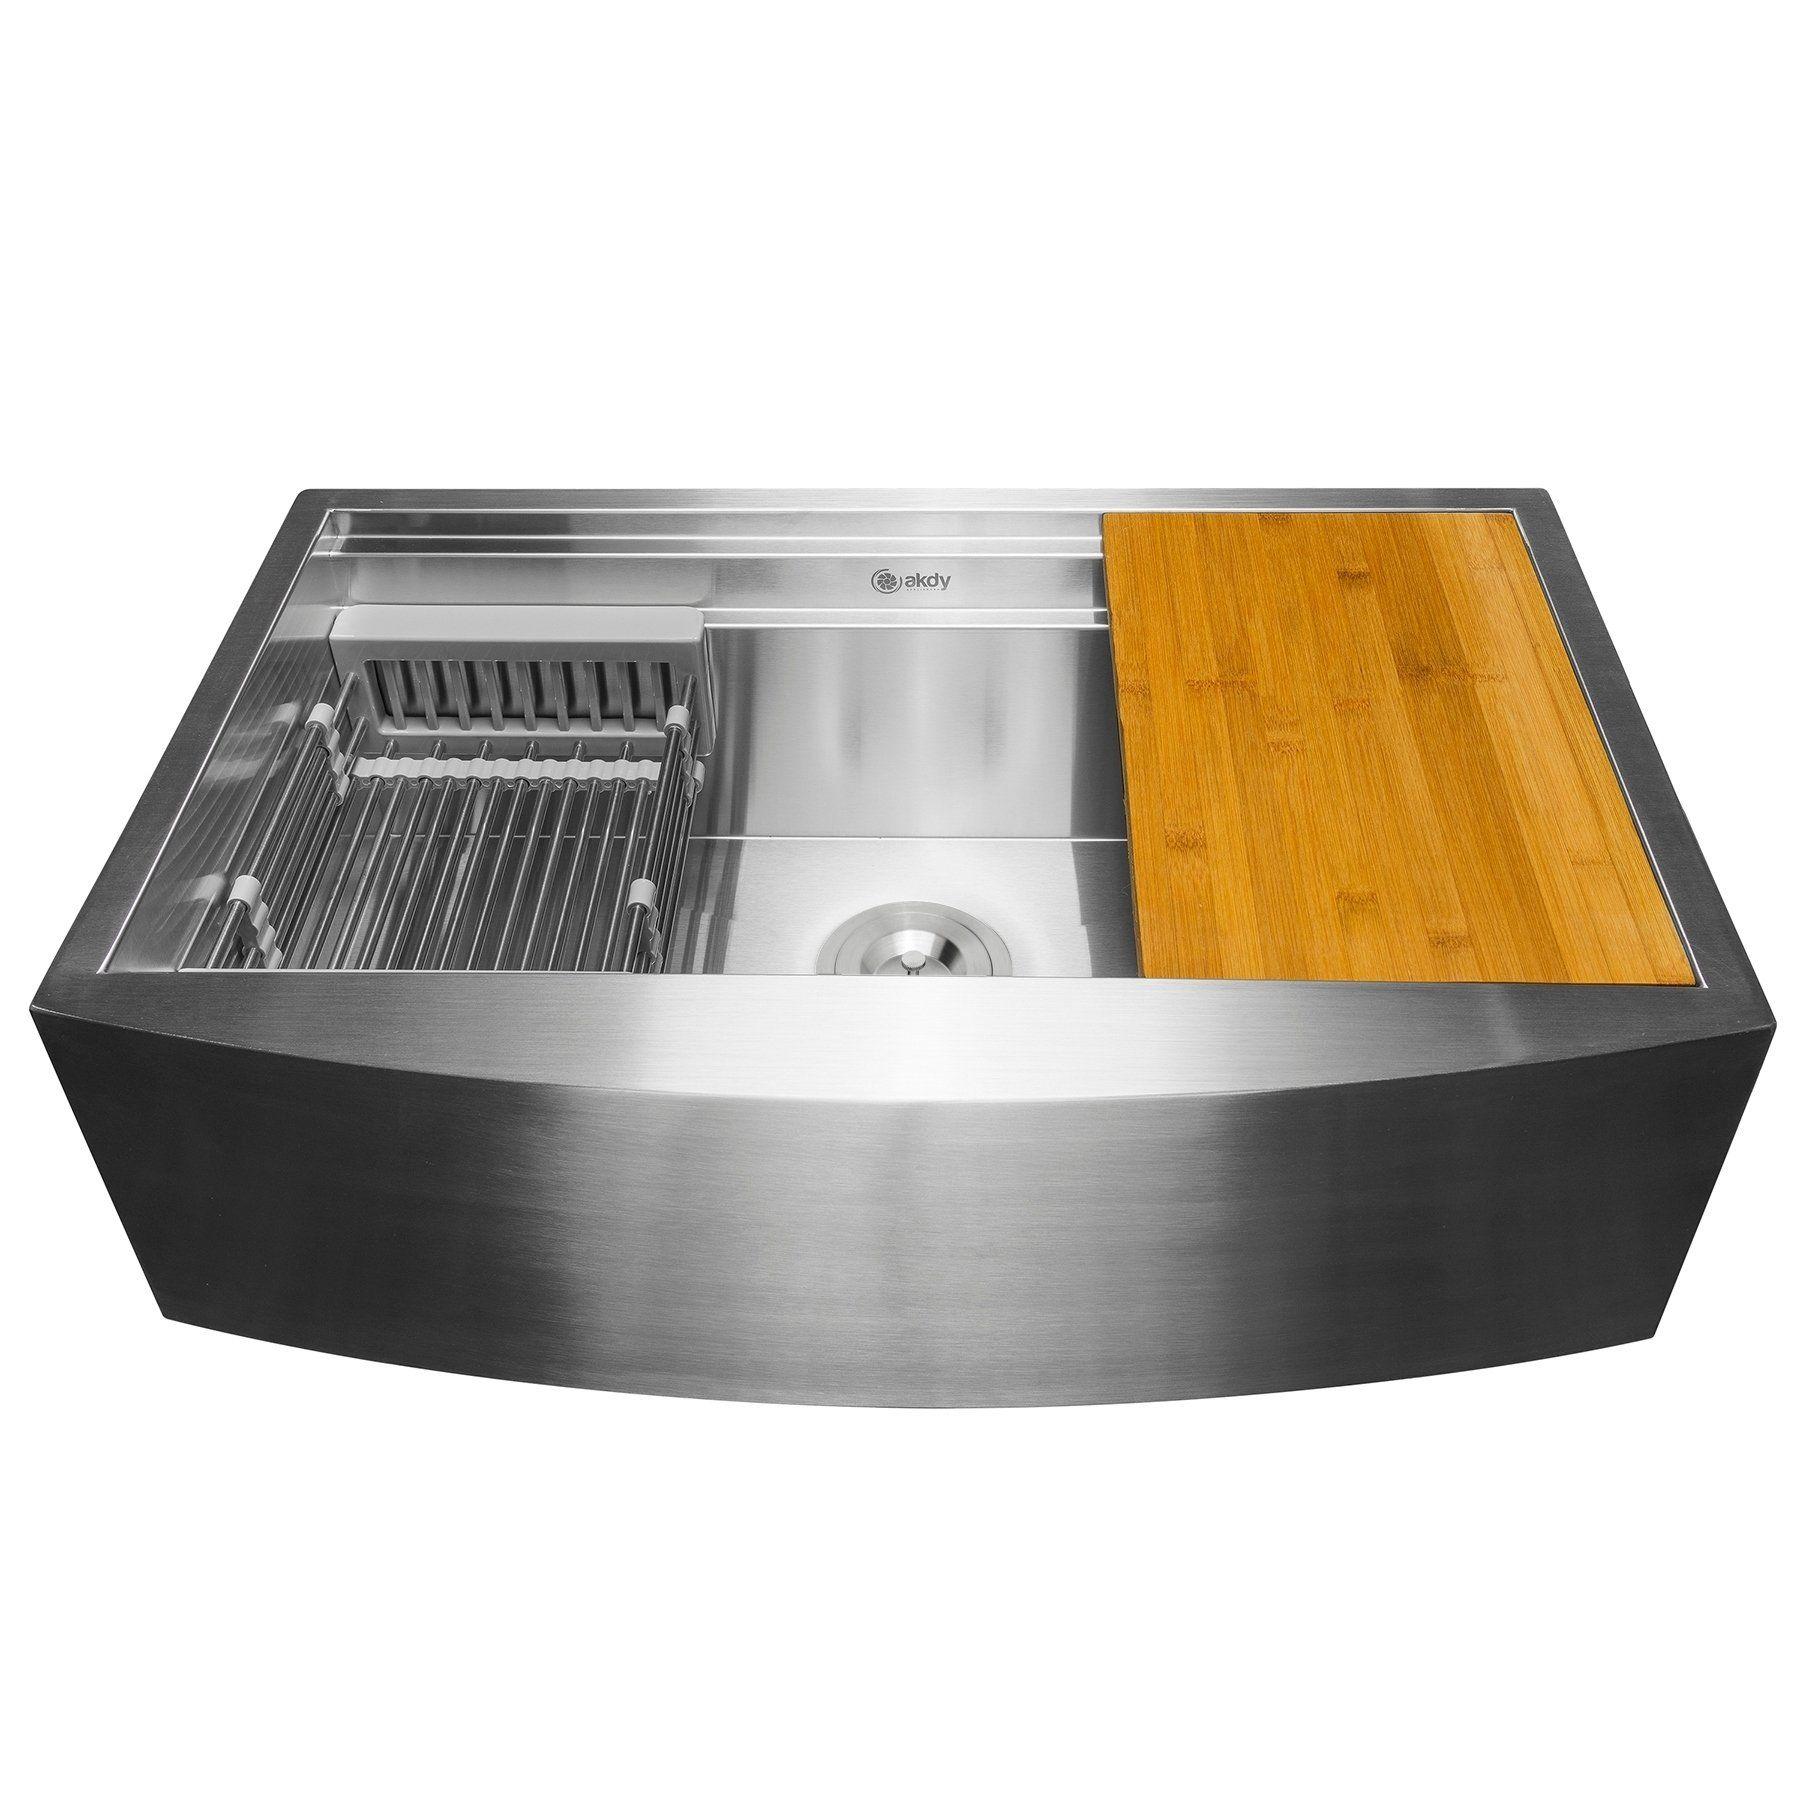 Akdy 33 X 22 X 9 Apron Farmhouse Handmade Stainless Steel Single Bowl Kitchen Sink Farmhouse Sink Kitchen Single Bowl Kitchen Sink Undermount Kitchen Sinks